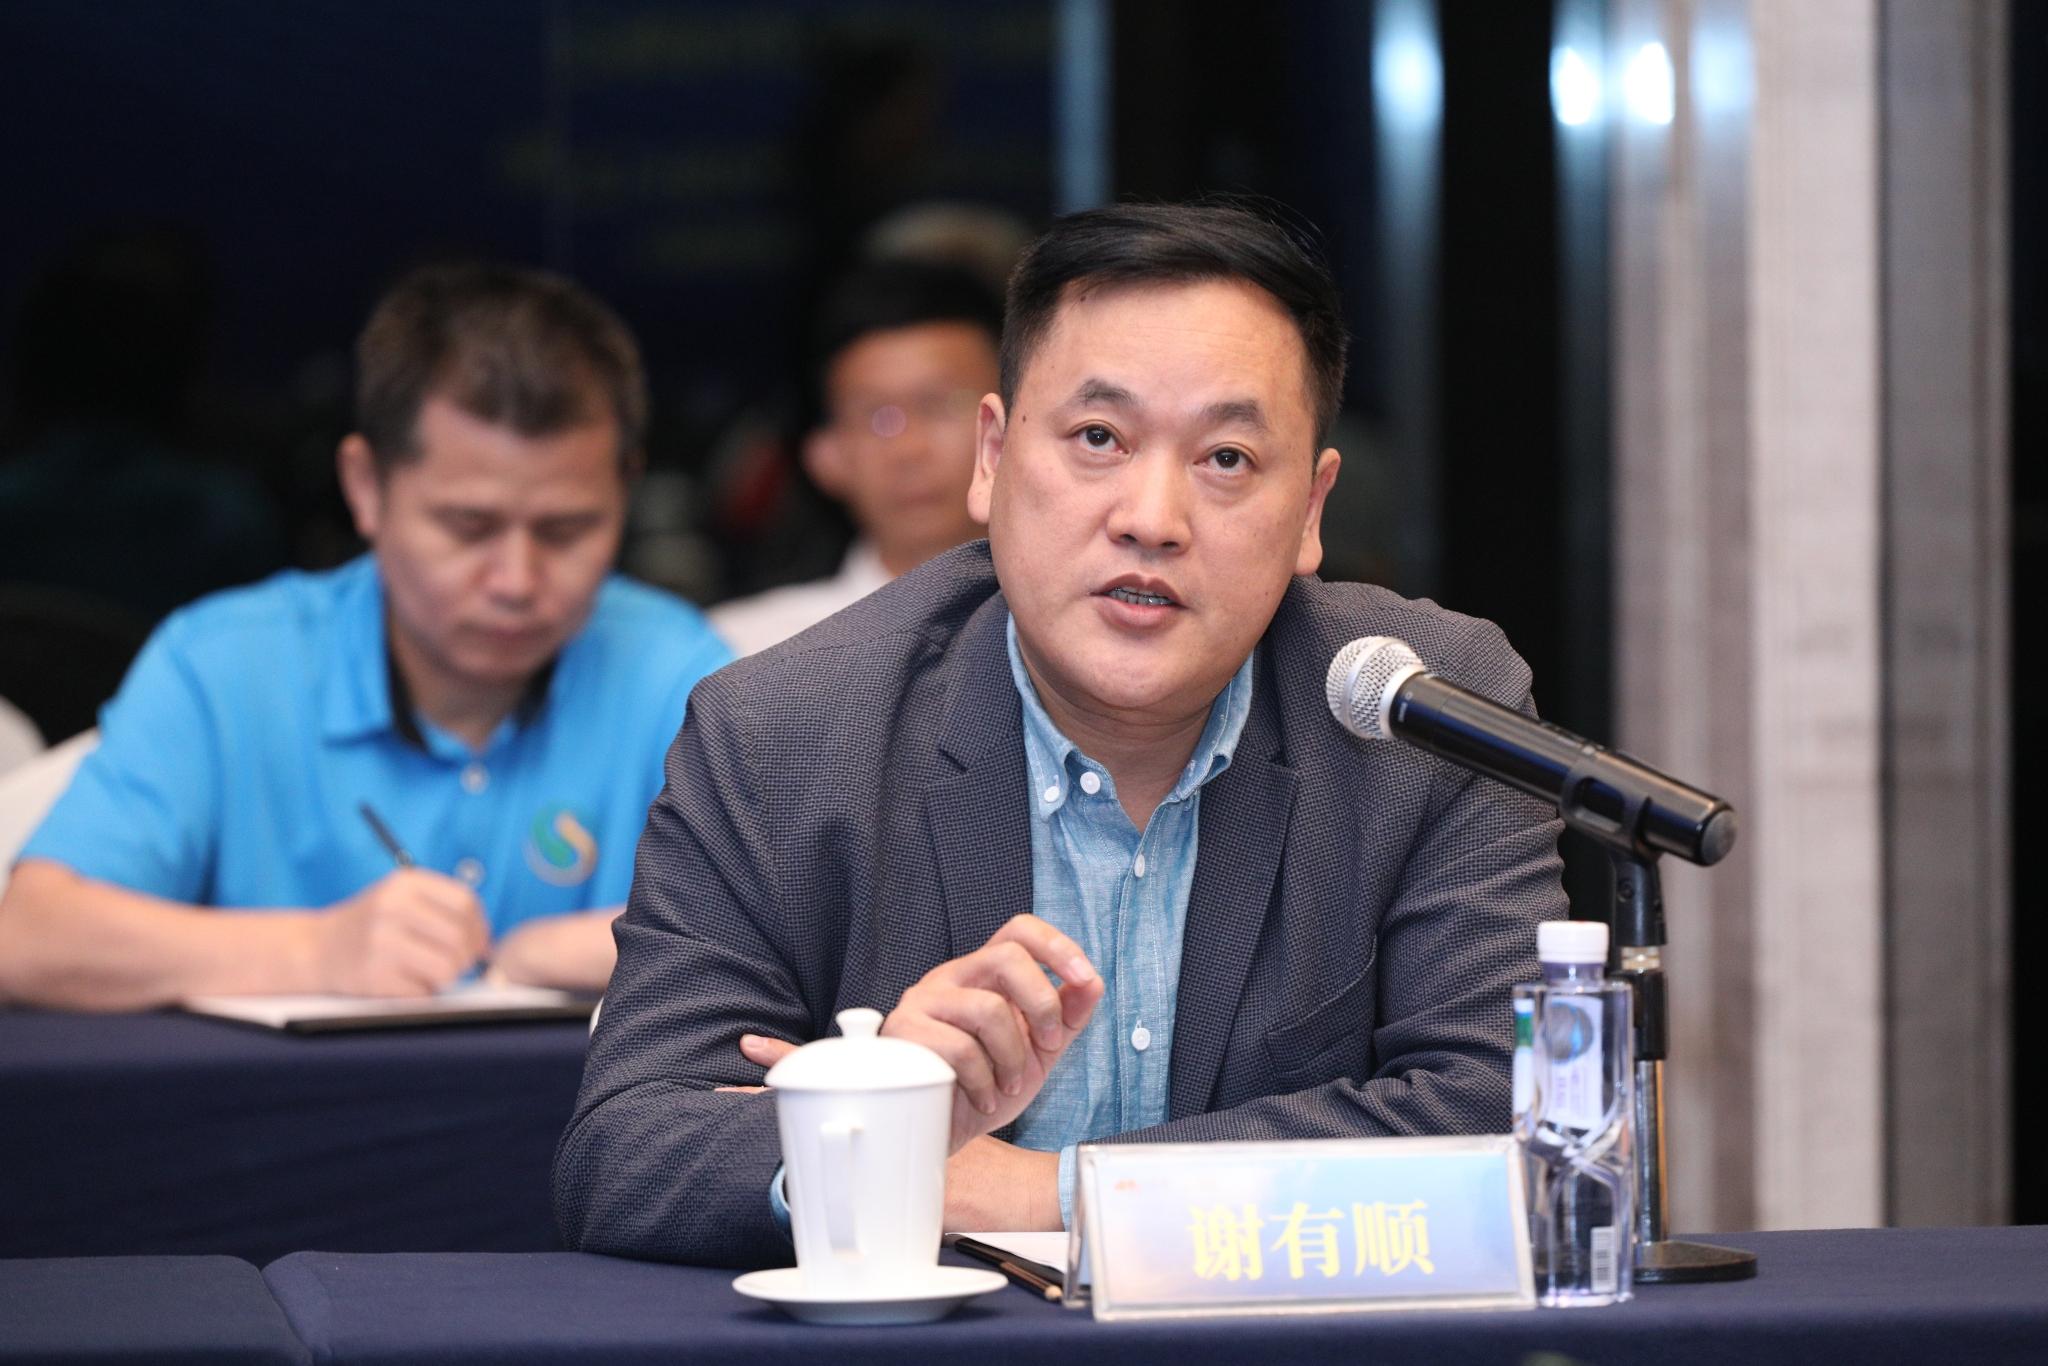 廣東省作協副主席、中山大學教授謝有順